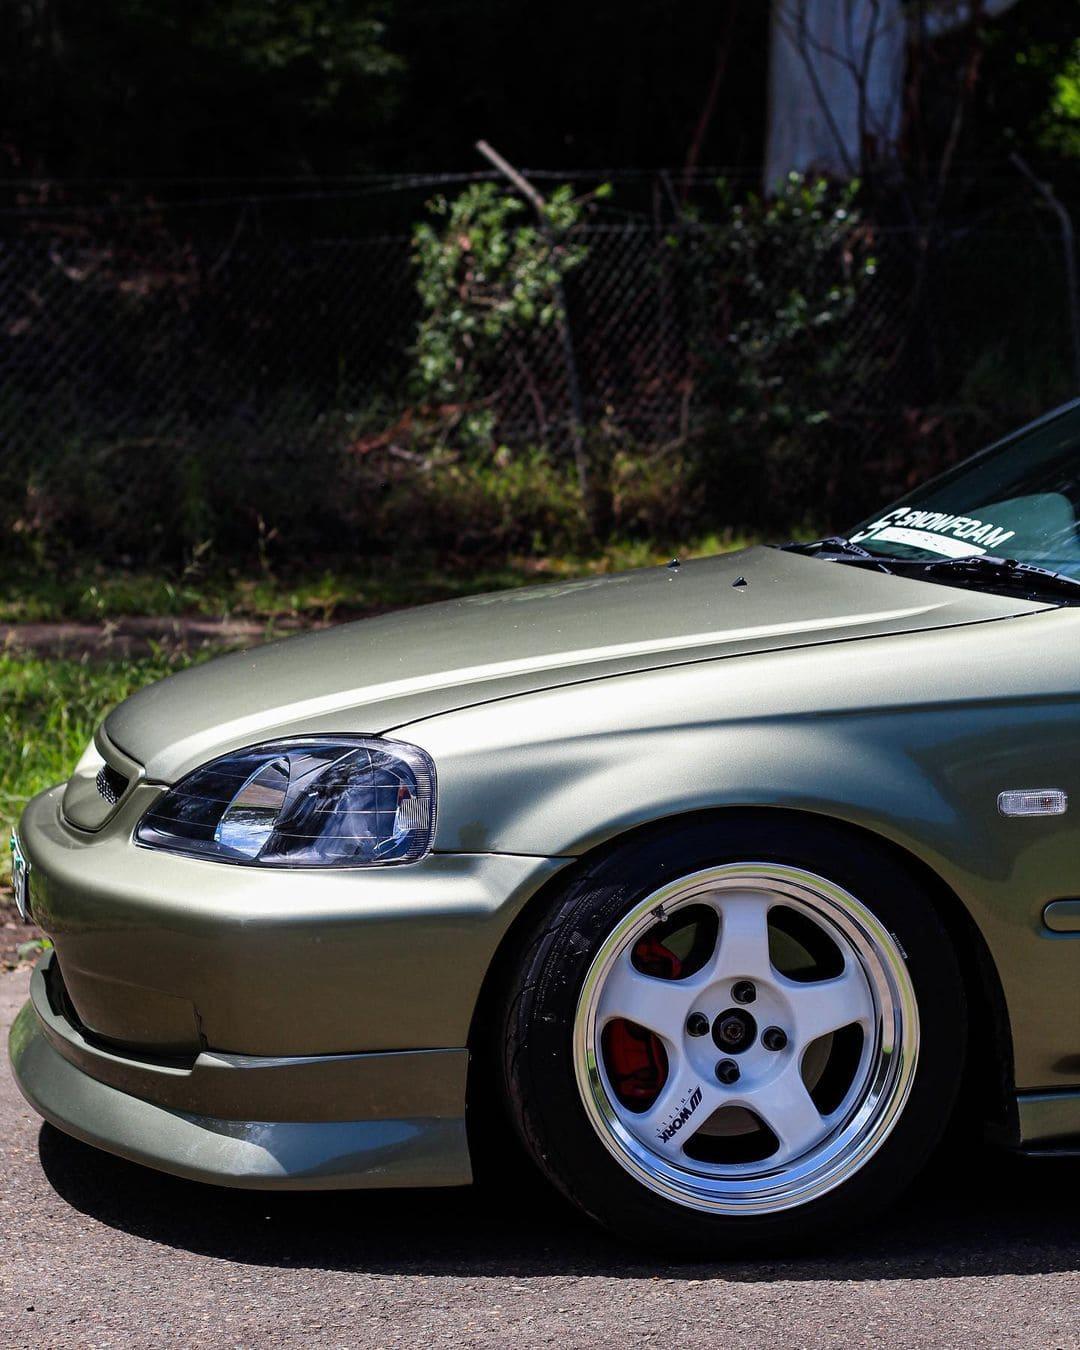 Honda Civic Hatchback Front lip